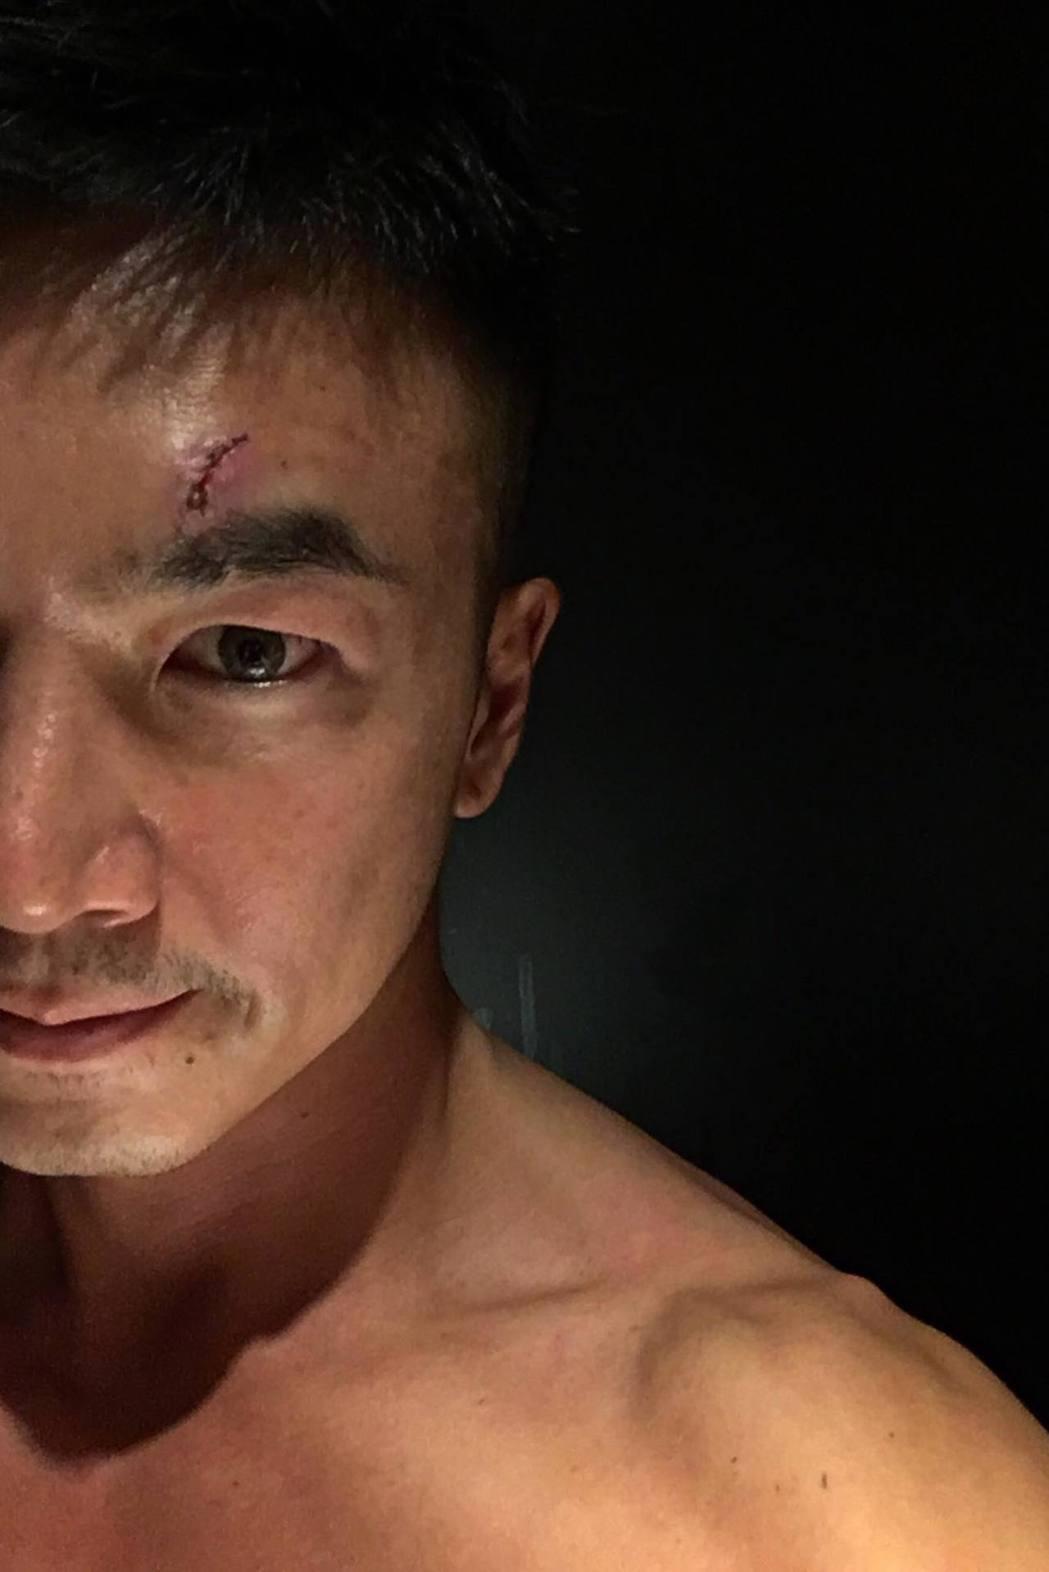 李沛旭拍戲時額頭受傷縫了11針。 圖/擷自李沛旭臉書